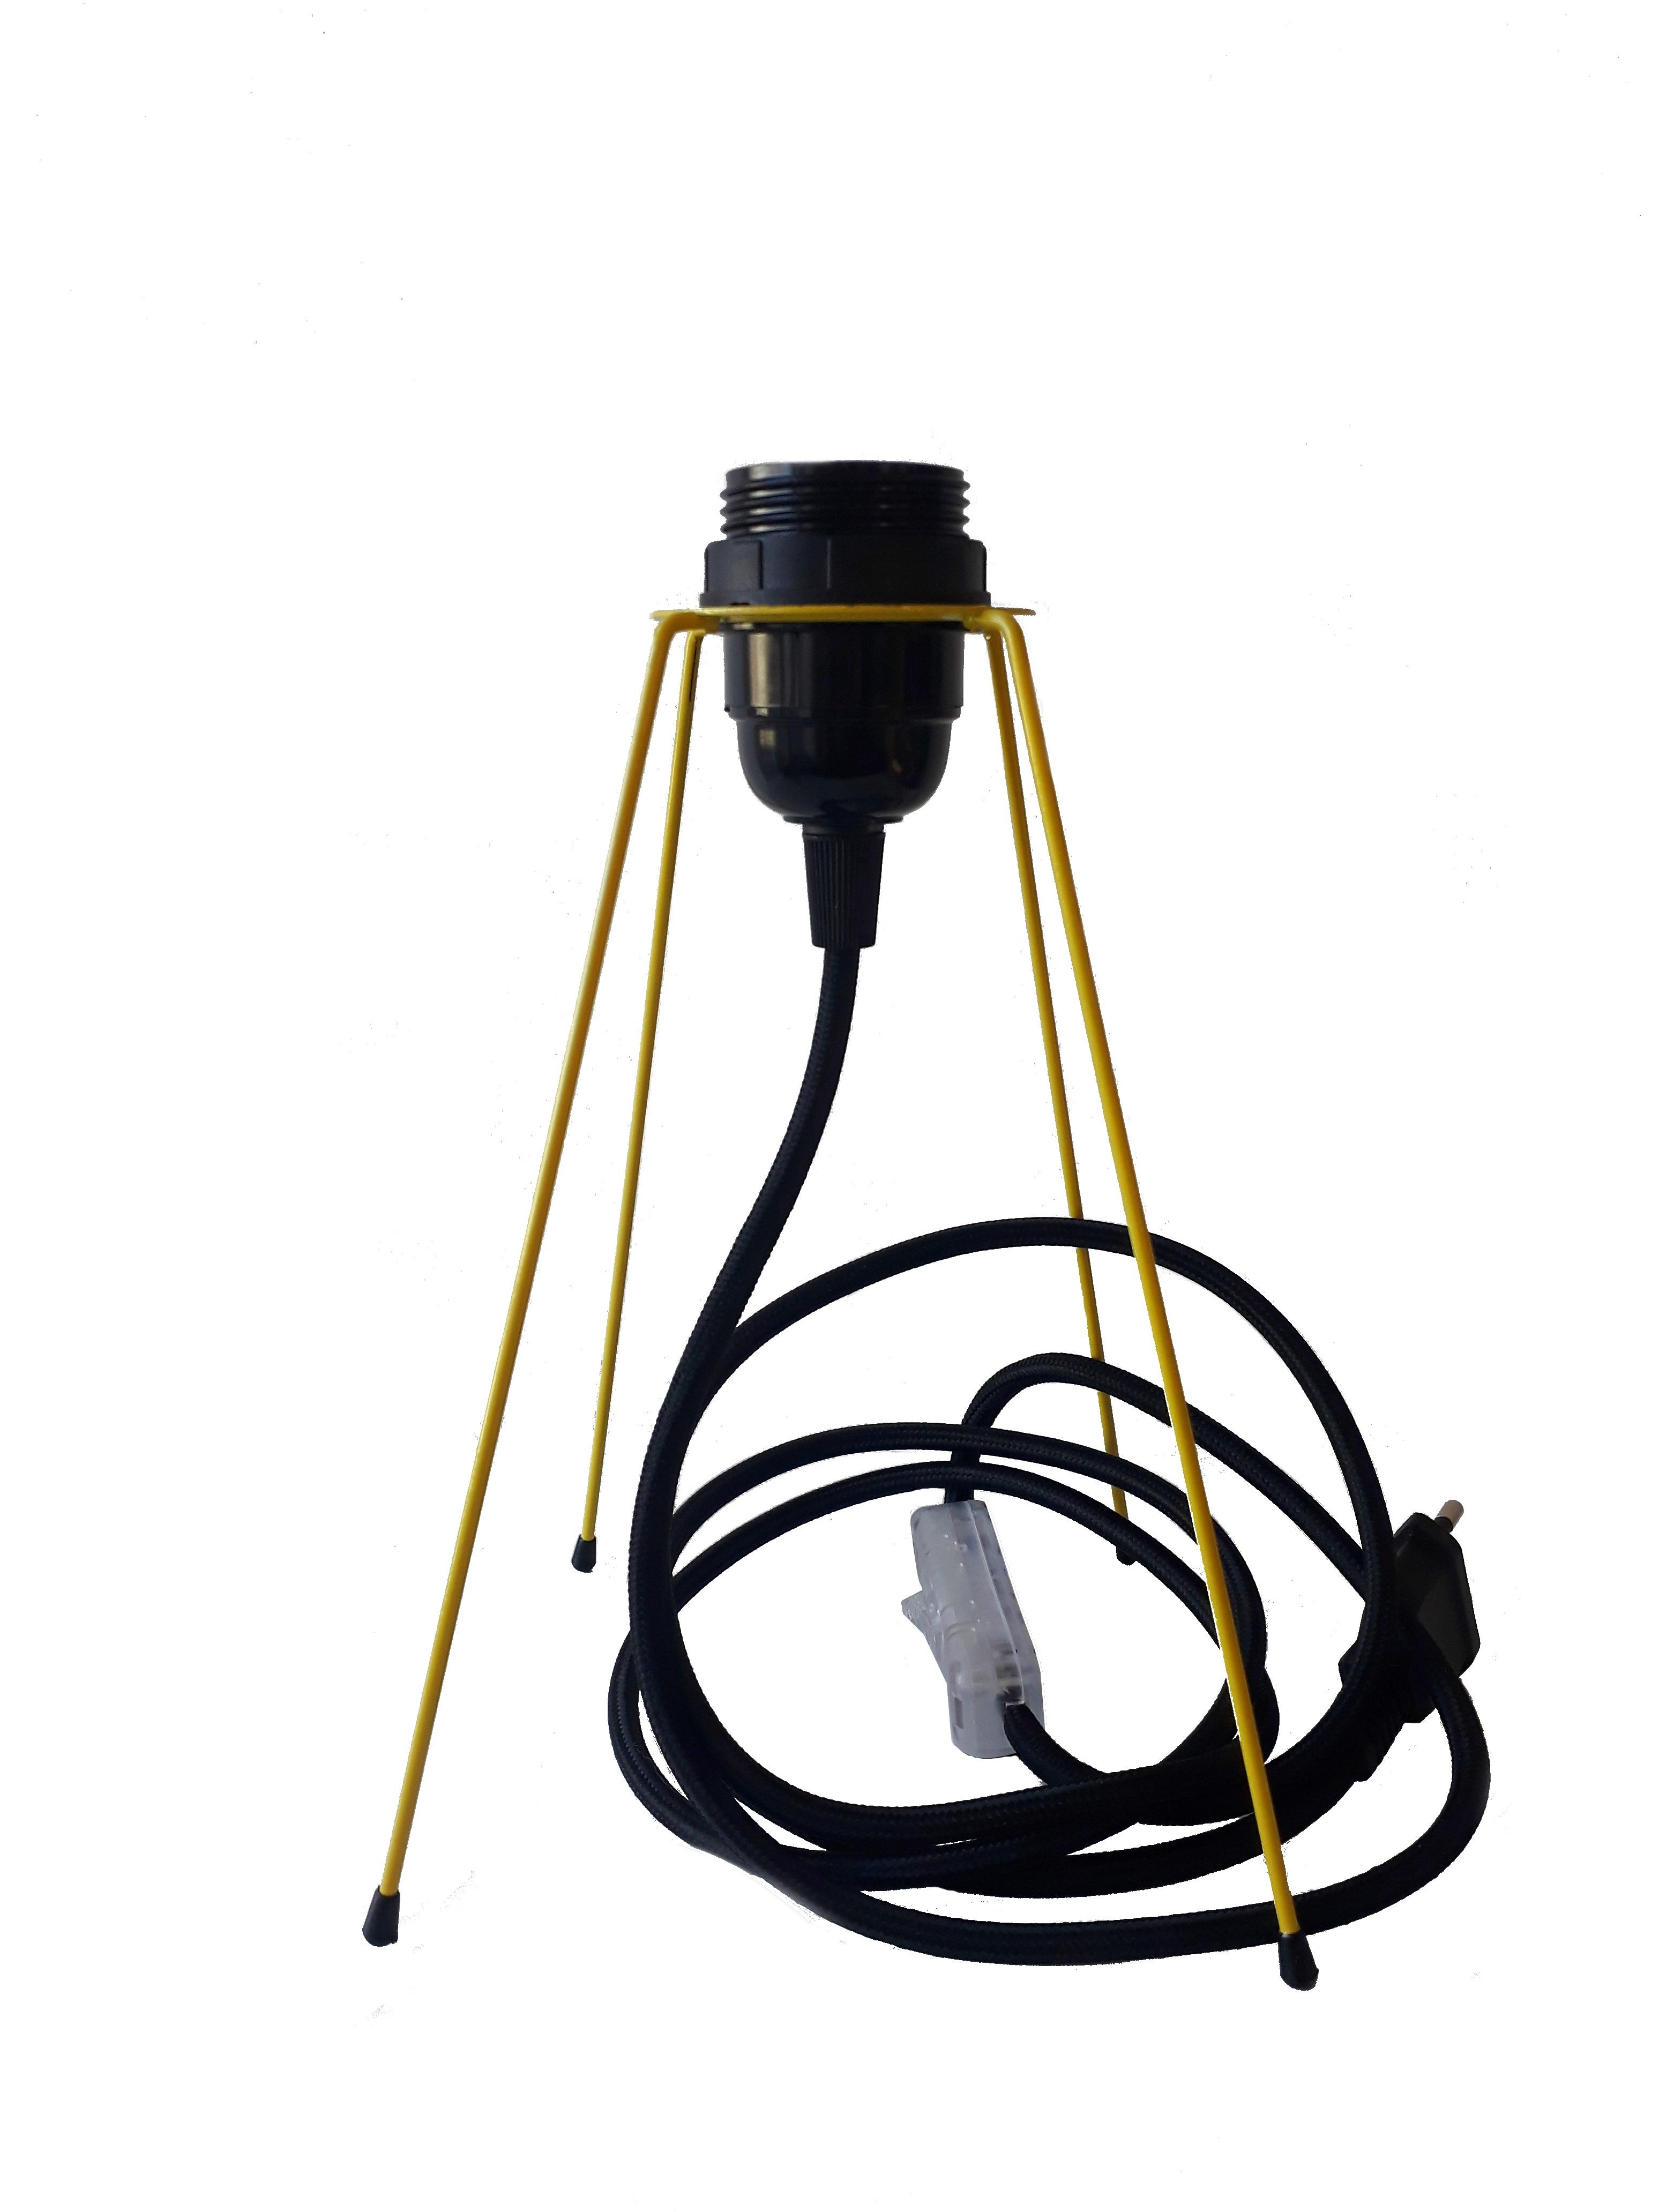 Cordon Electrique Pour Lampe pied de lampe métal équipé de son cordon electrique en tissu